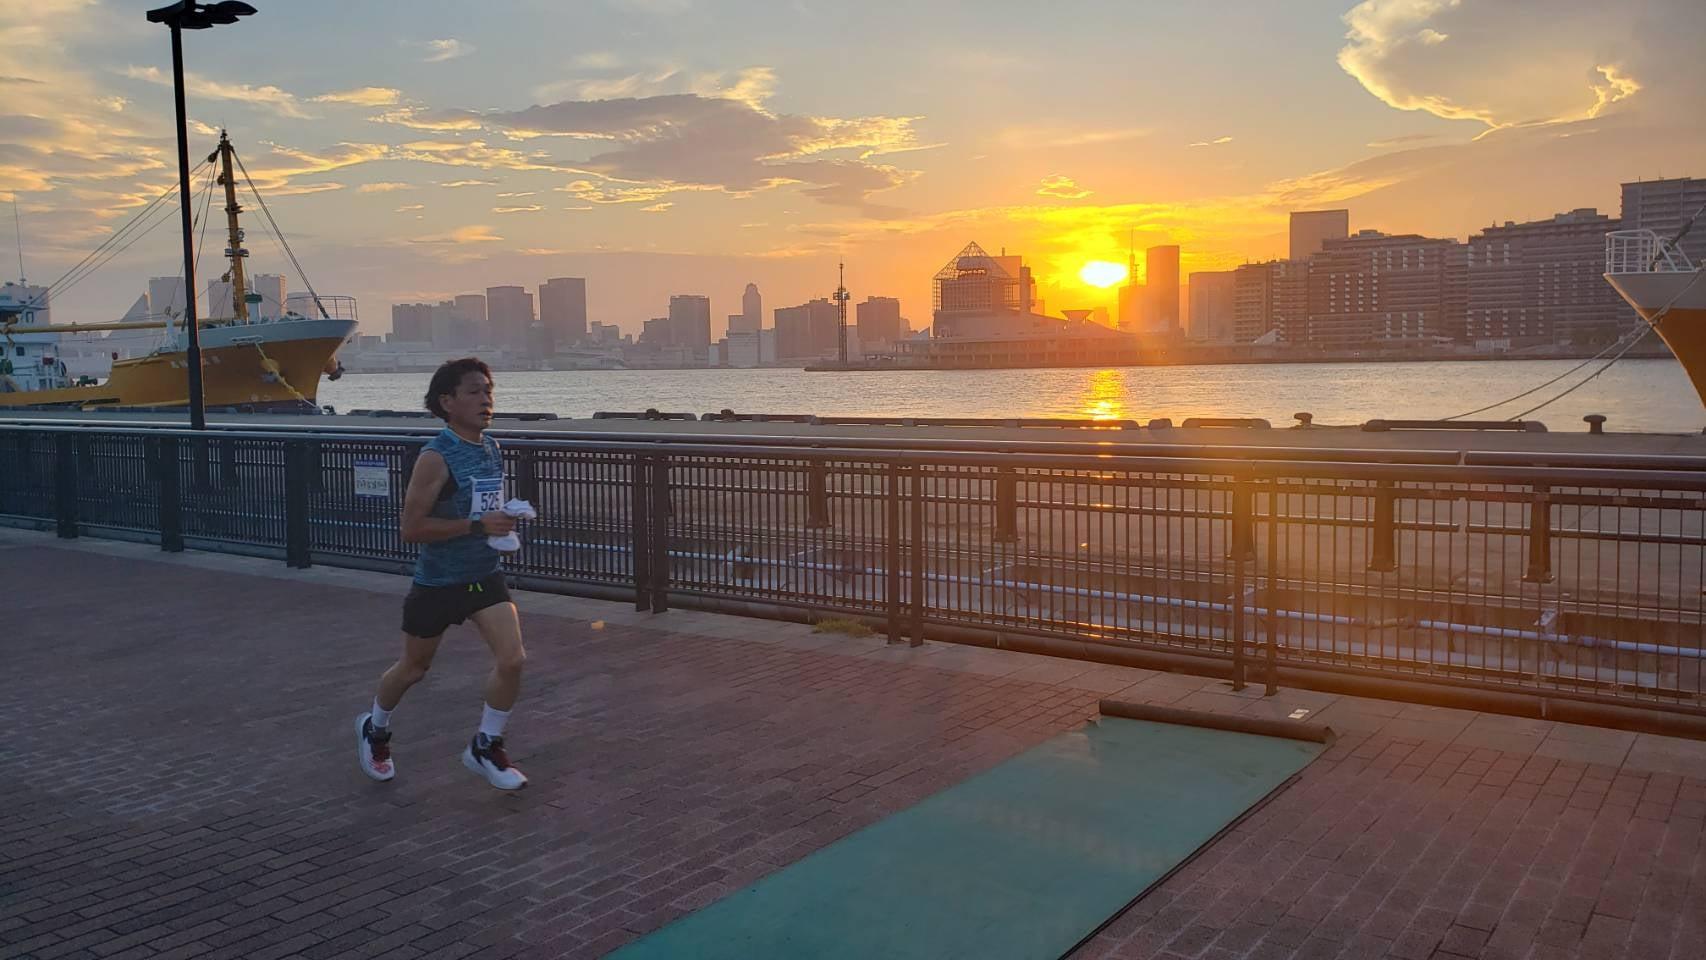 【ランニング・豊東京)】第6回豊洲ぐるり公園ナイトハーフマラソン 2021.9.11